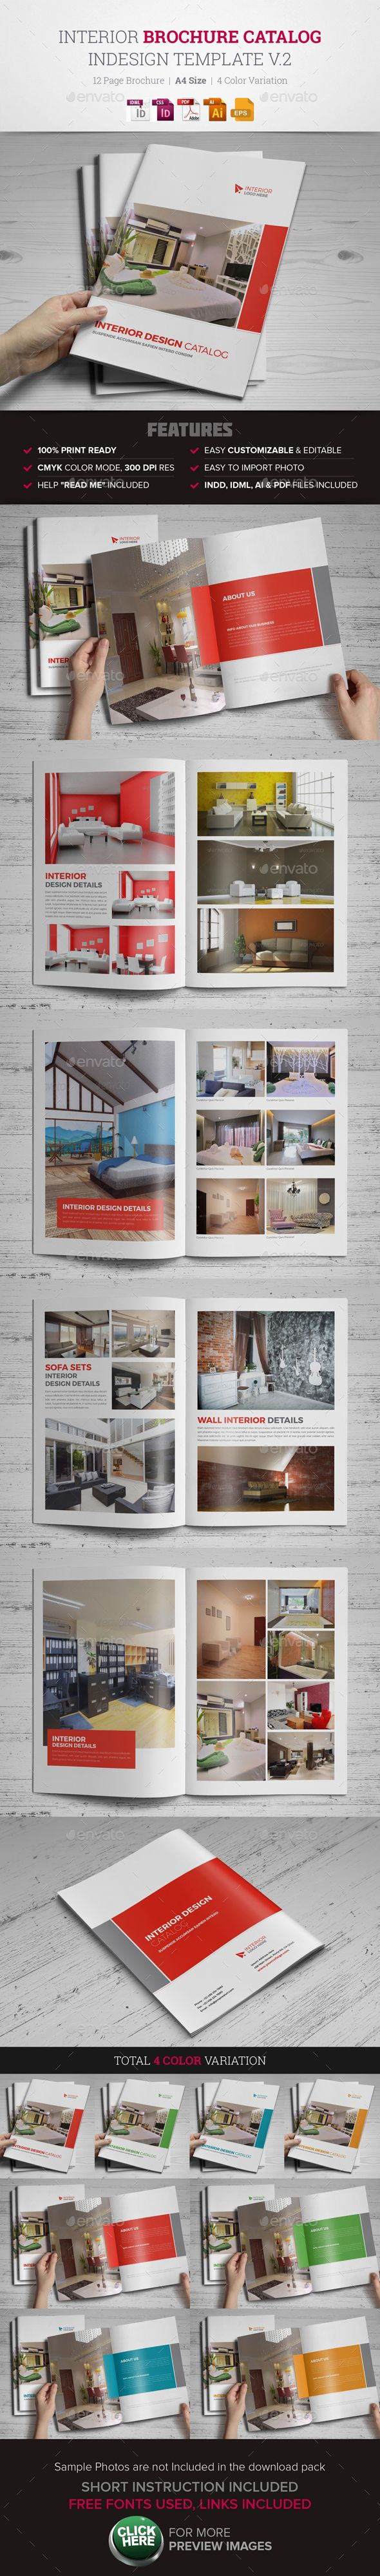 Interior Brochure Catalog 12 Pages Template InDesign INDD, EPS, AI #design Download: http://graphicriver.net/item/interior-brochure-catalog-indesign-template-v2-/13391658?ref=ksioks